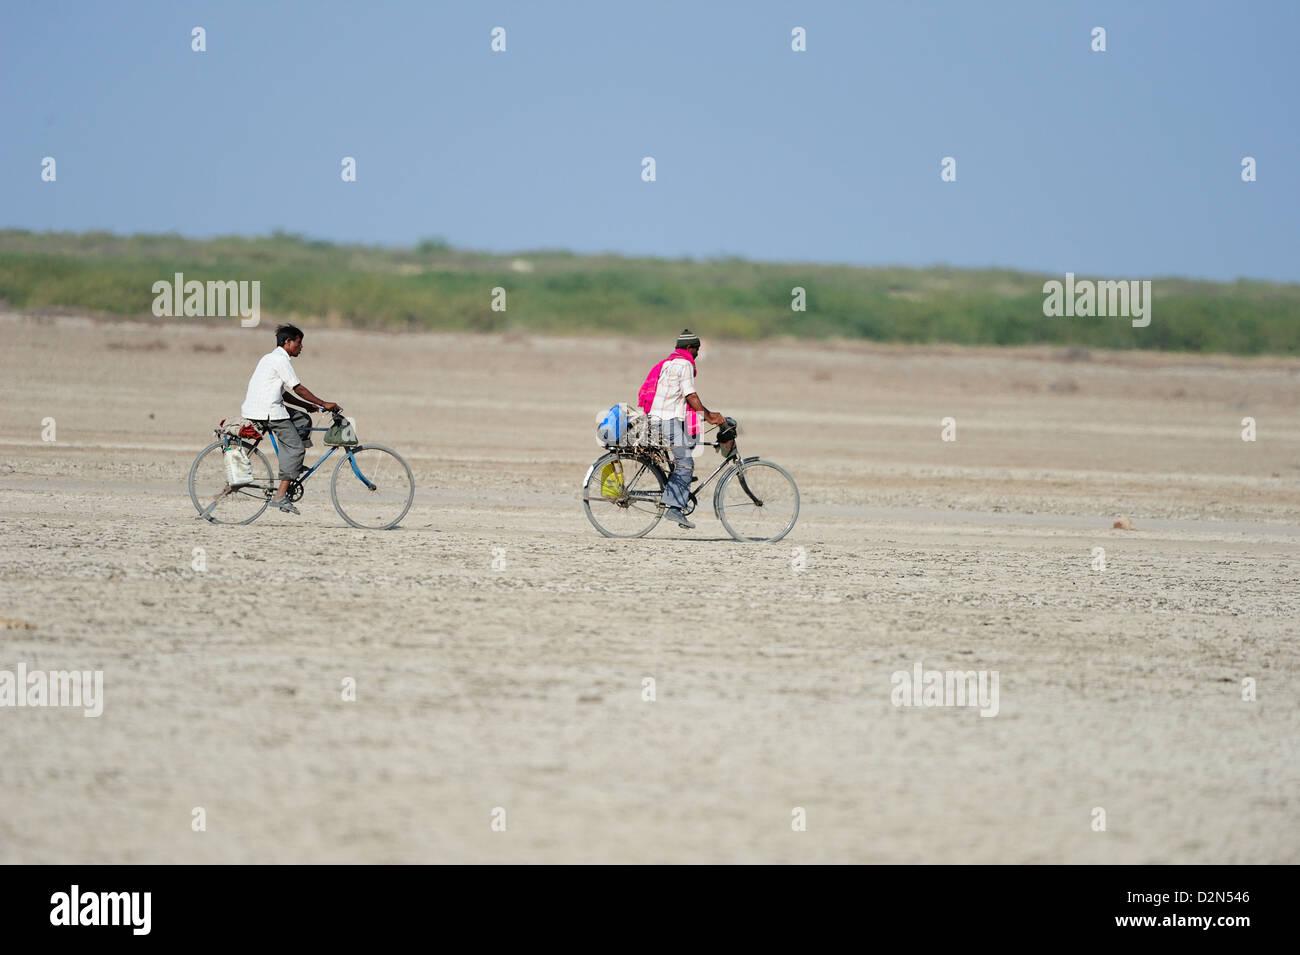 Im ländlichen Indien gehen Männer auf Fahrrädern zu den weit entfernten Städten für Arbeit, Stockbild